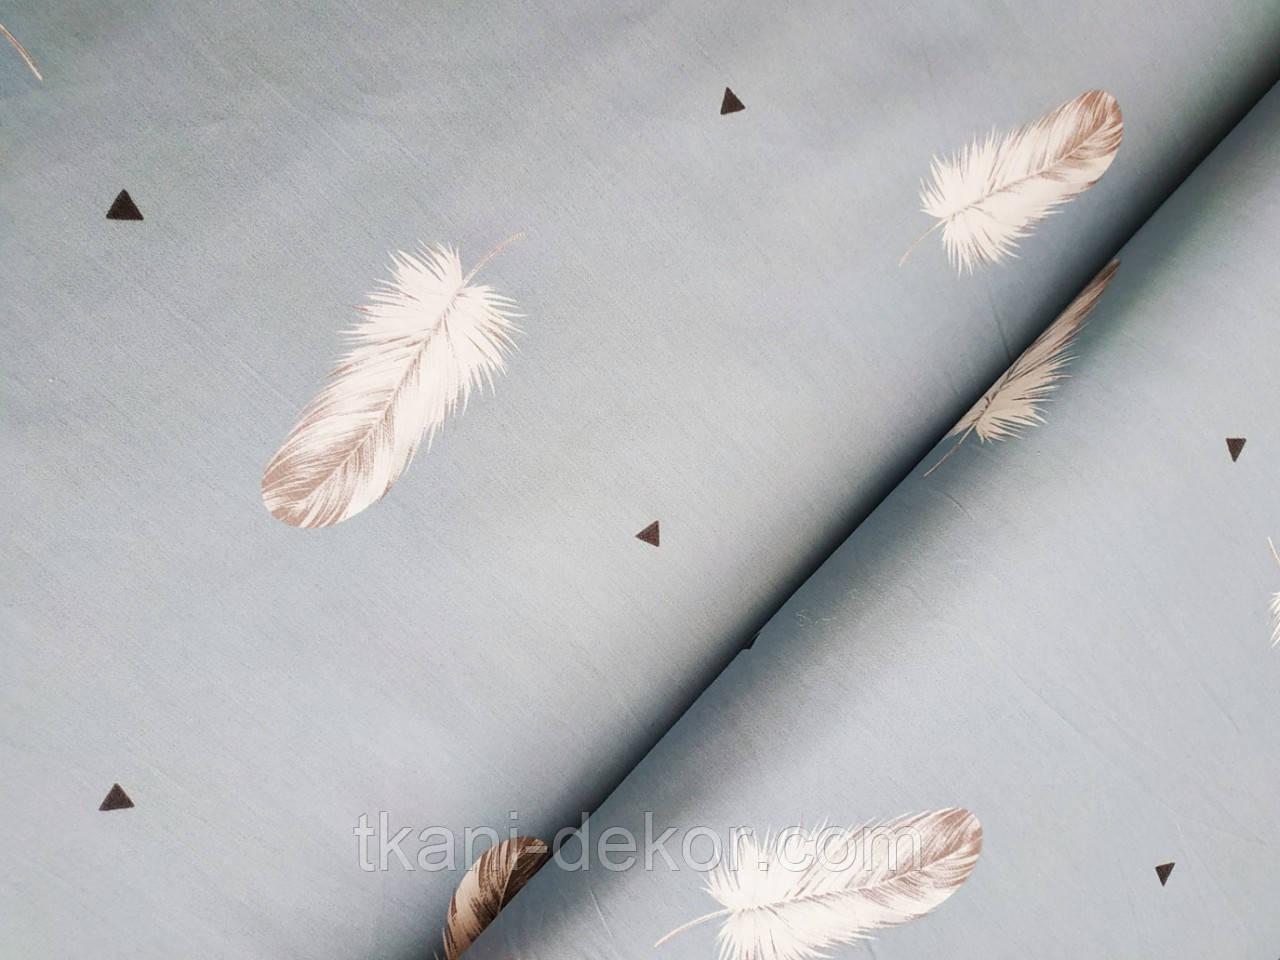 Сатин ( премиум ткань)  перышки с треугольниками на голубом (40*160)